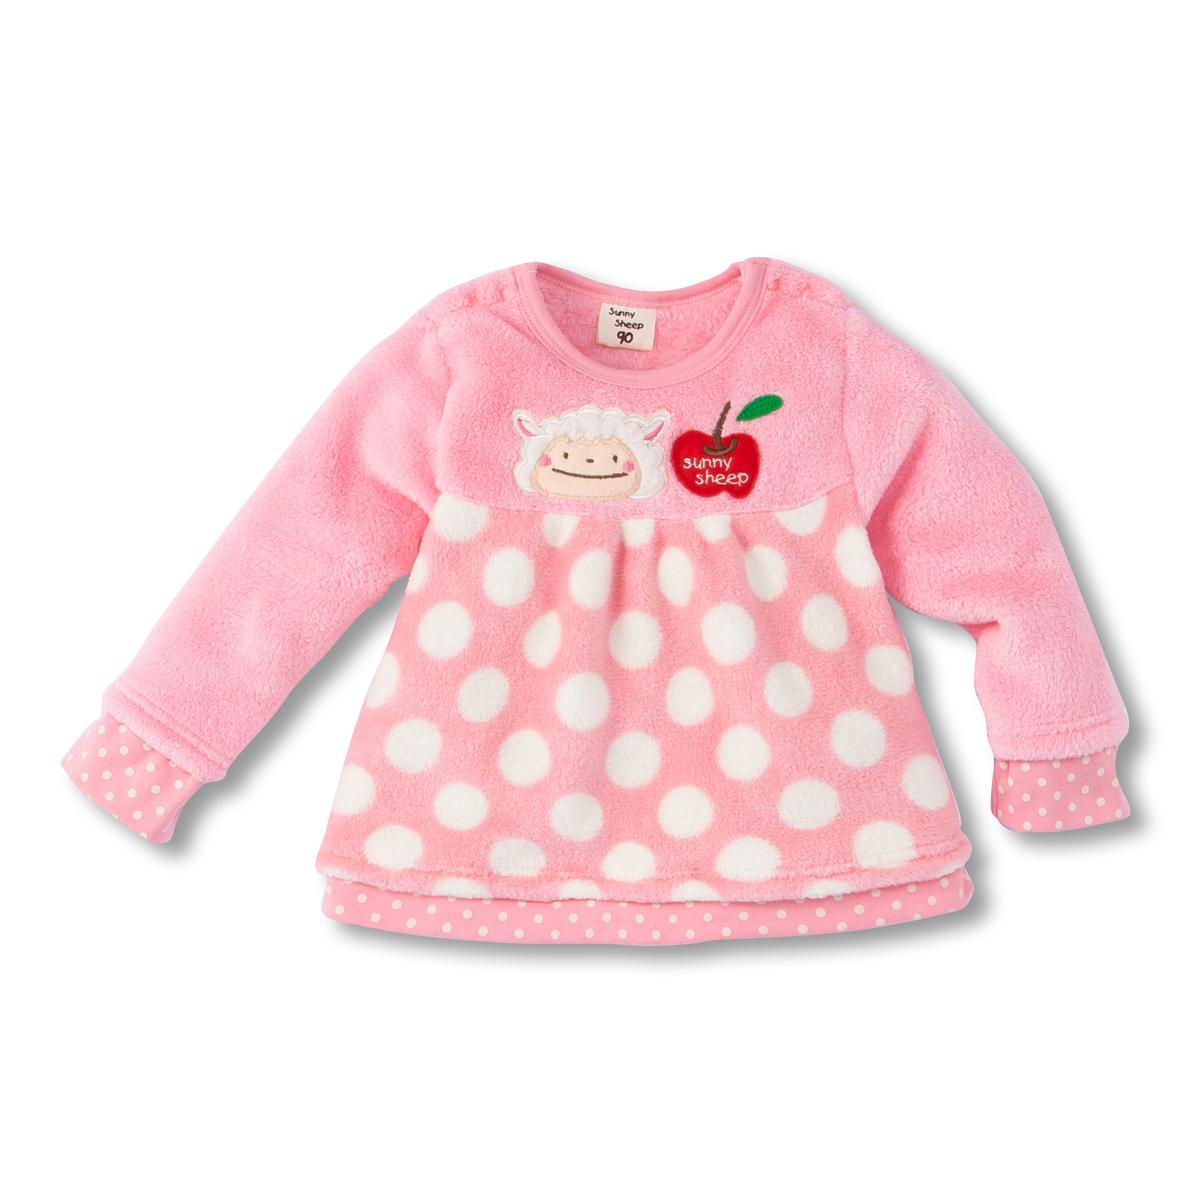 nissen日本代购童装2014冬款女宝宝珊瑚绒上衣绒衣 特价现货原175